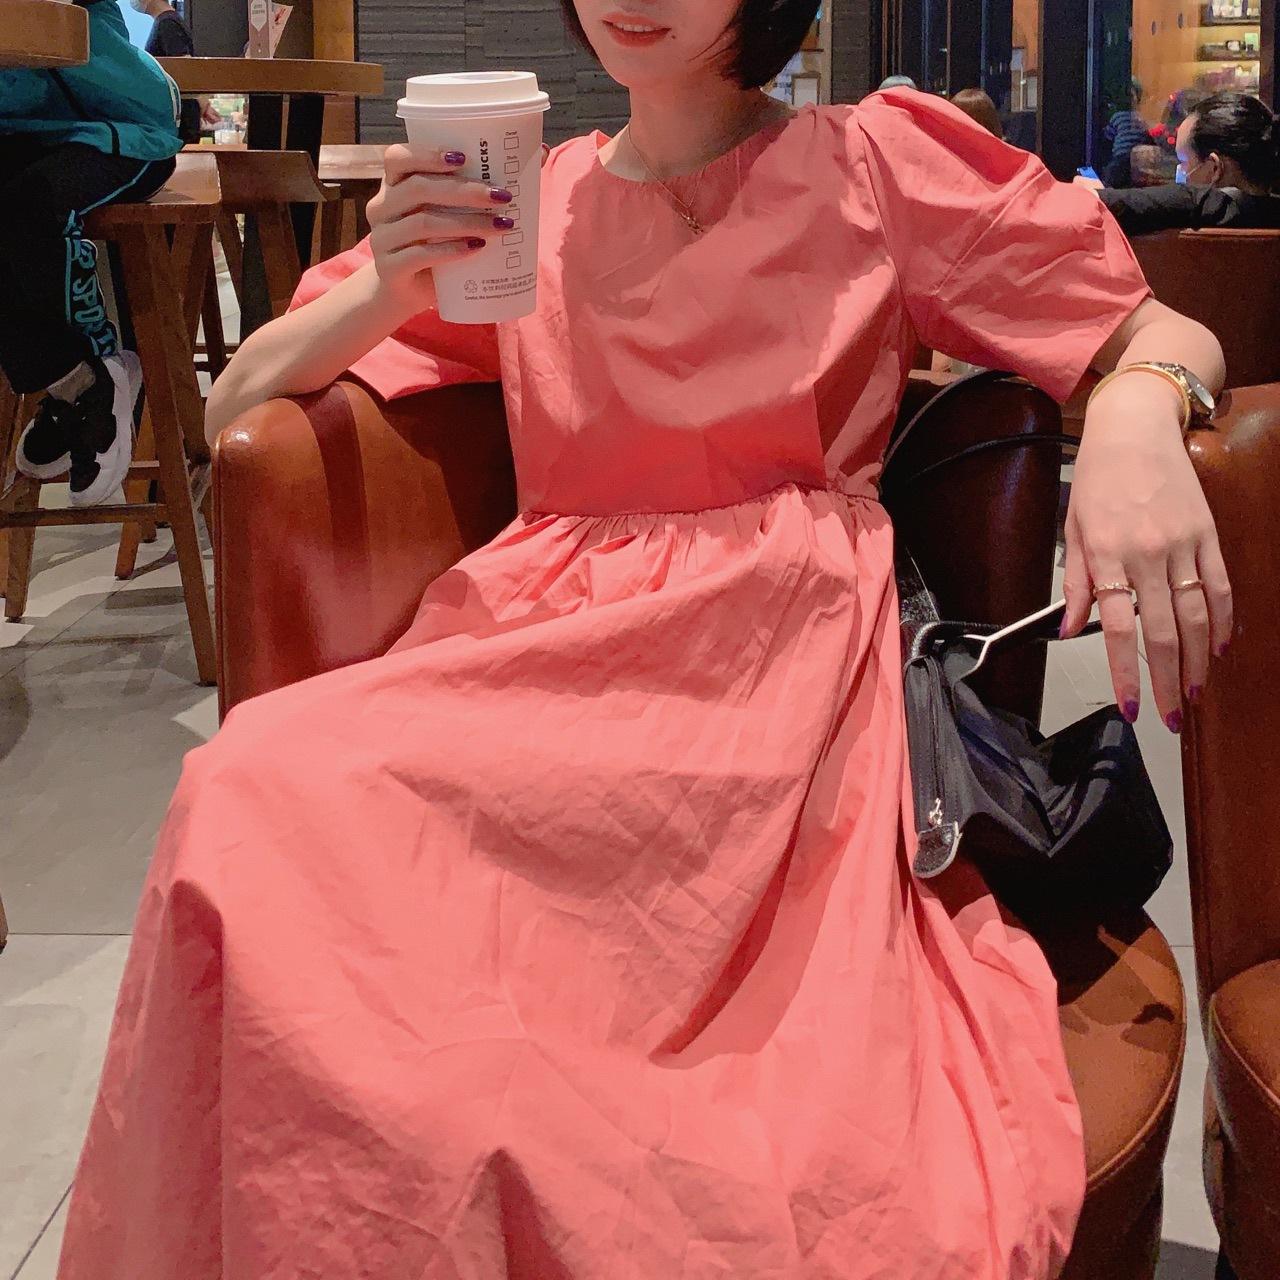 5273连衣裙 公主袖 不退不换图片微色差 实物美